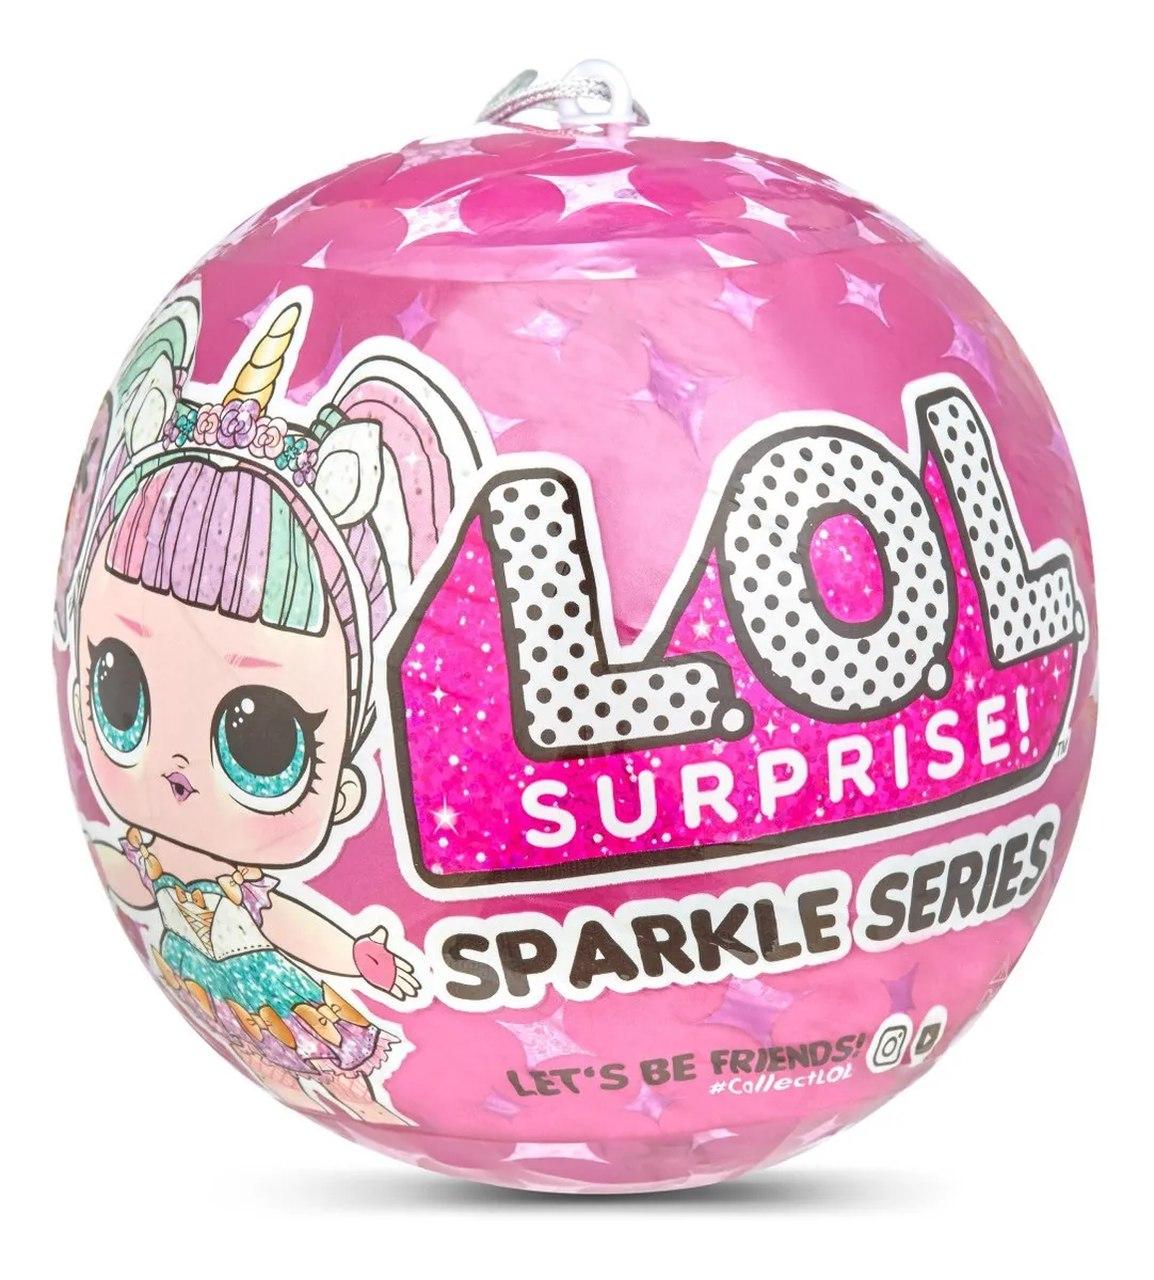 Boneca Lol Surprise Sparkle Séries Glitter 7 Surpresas - Candide